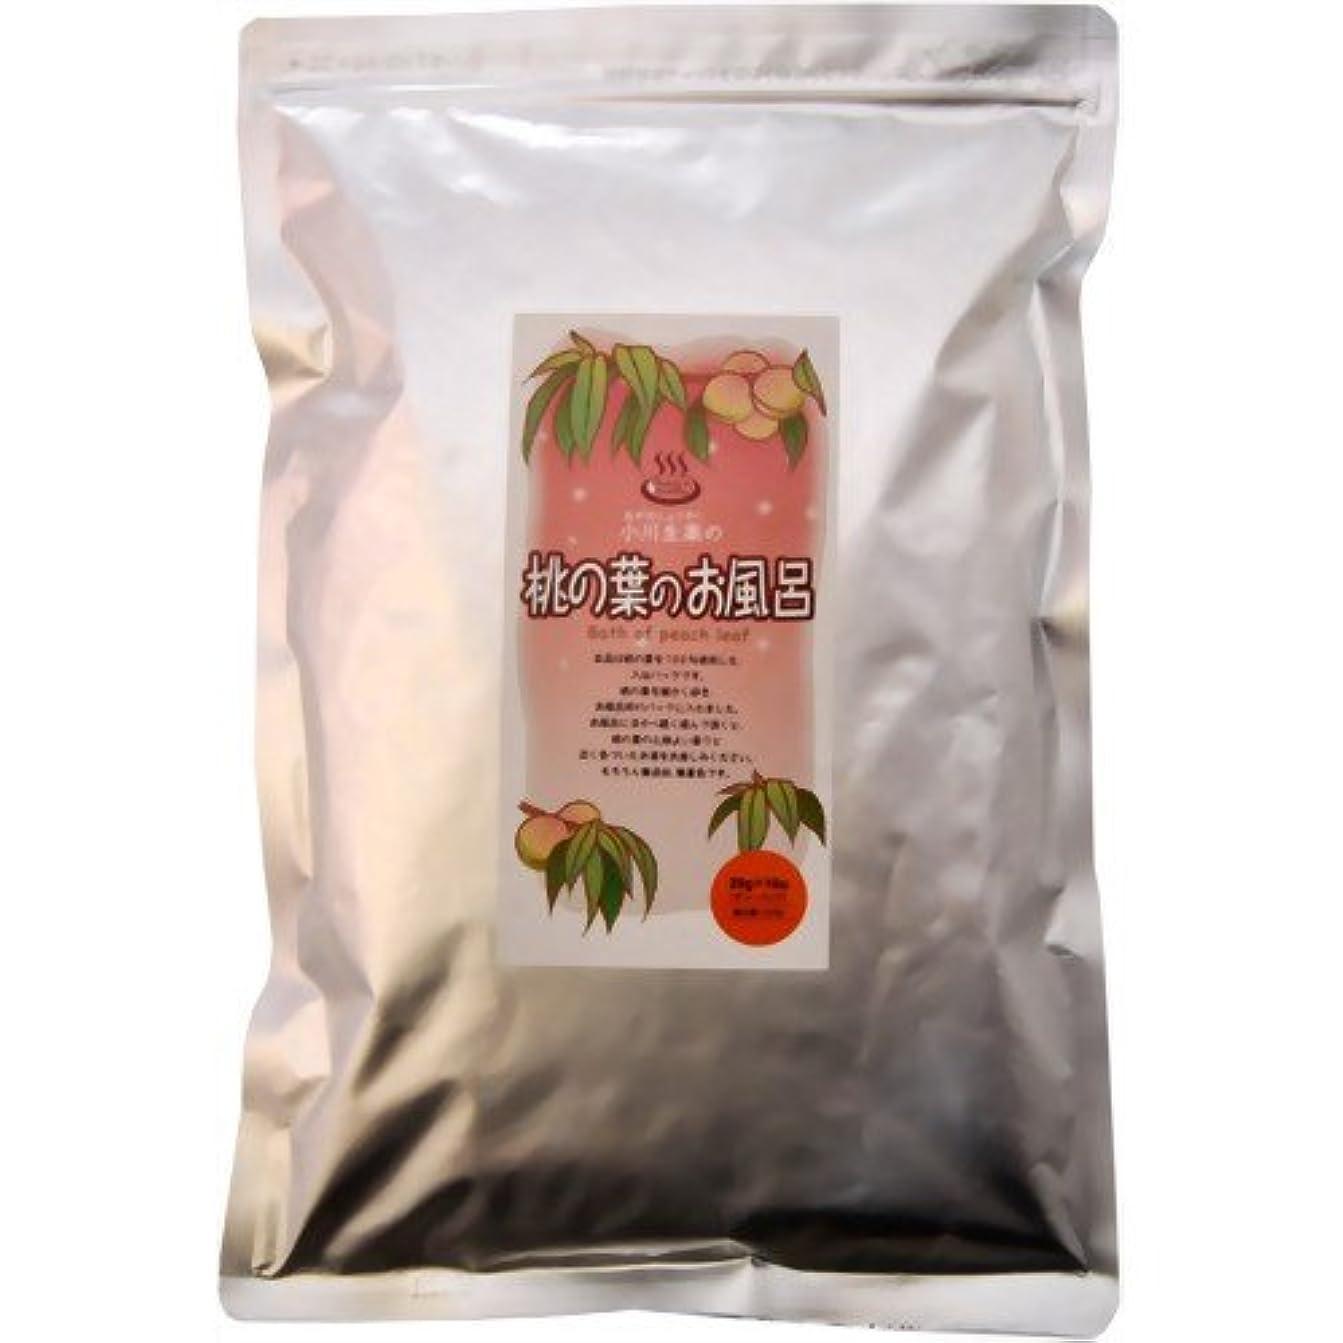 ポルノ彼らのパンツ小川生薬の桃の葉のお風呂 20g*10袋